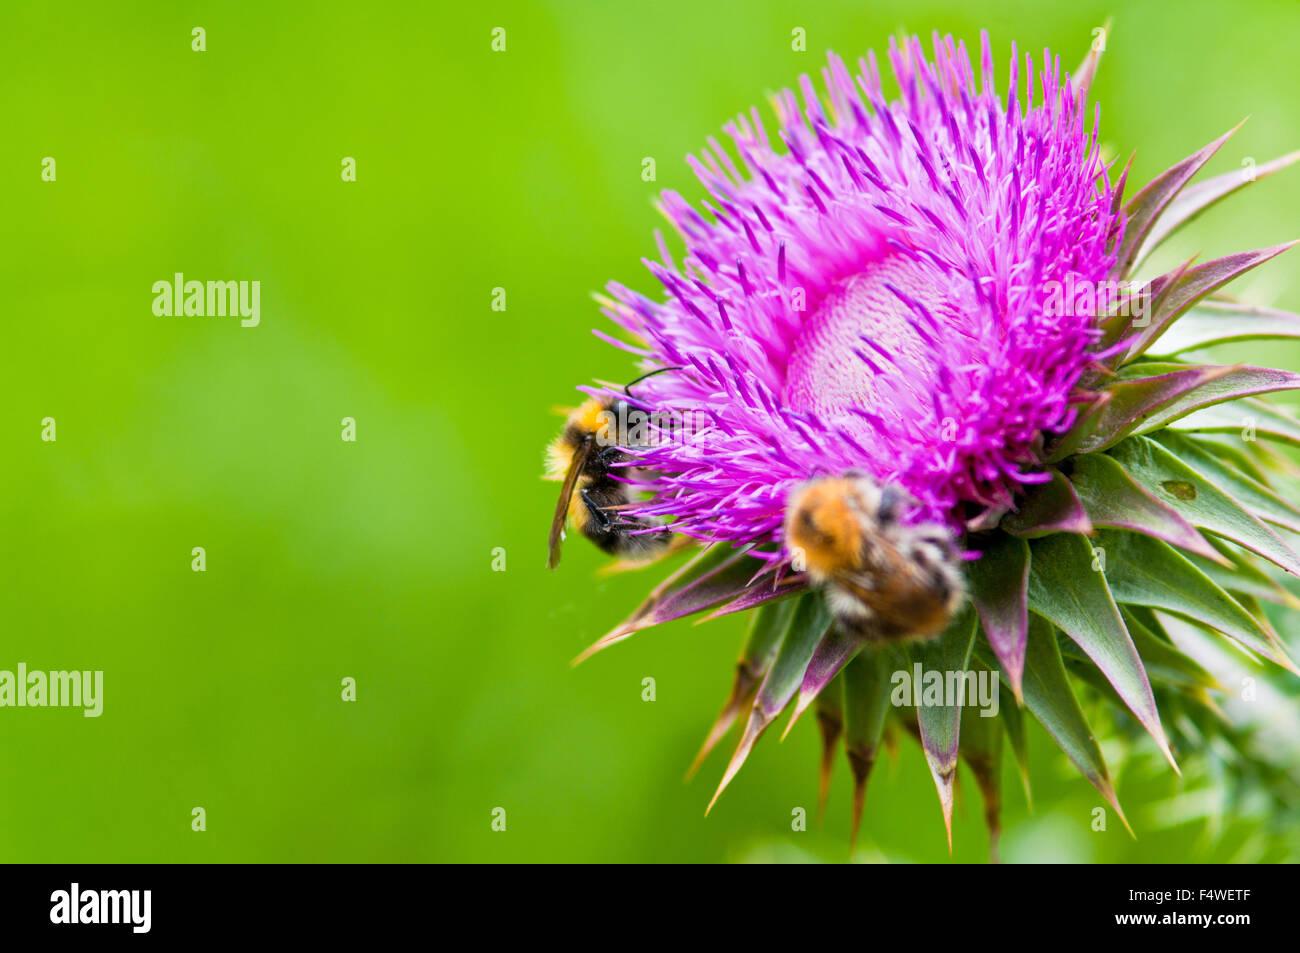 schön Schönheit Bienenbiologie blühen Nahaufnahme Closeup sammeln Farbe bunte Feld Flora Blumen Blume Stockbild